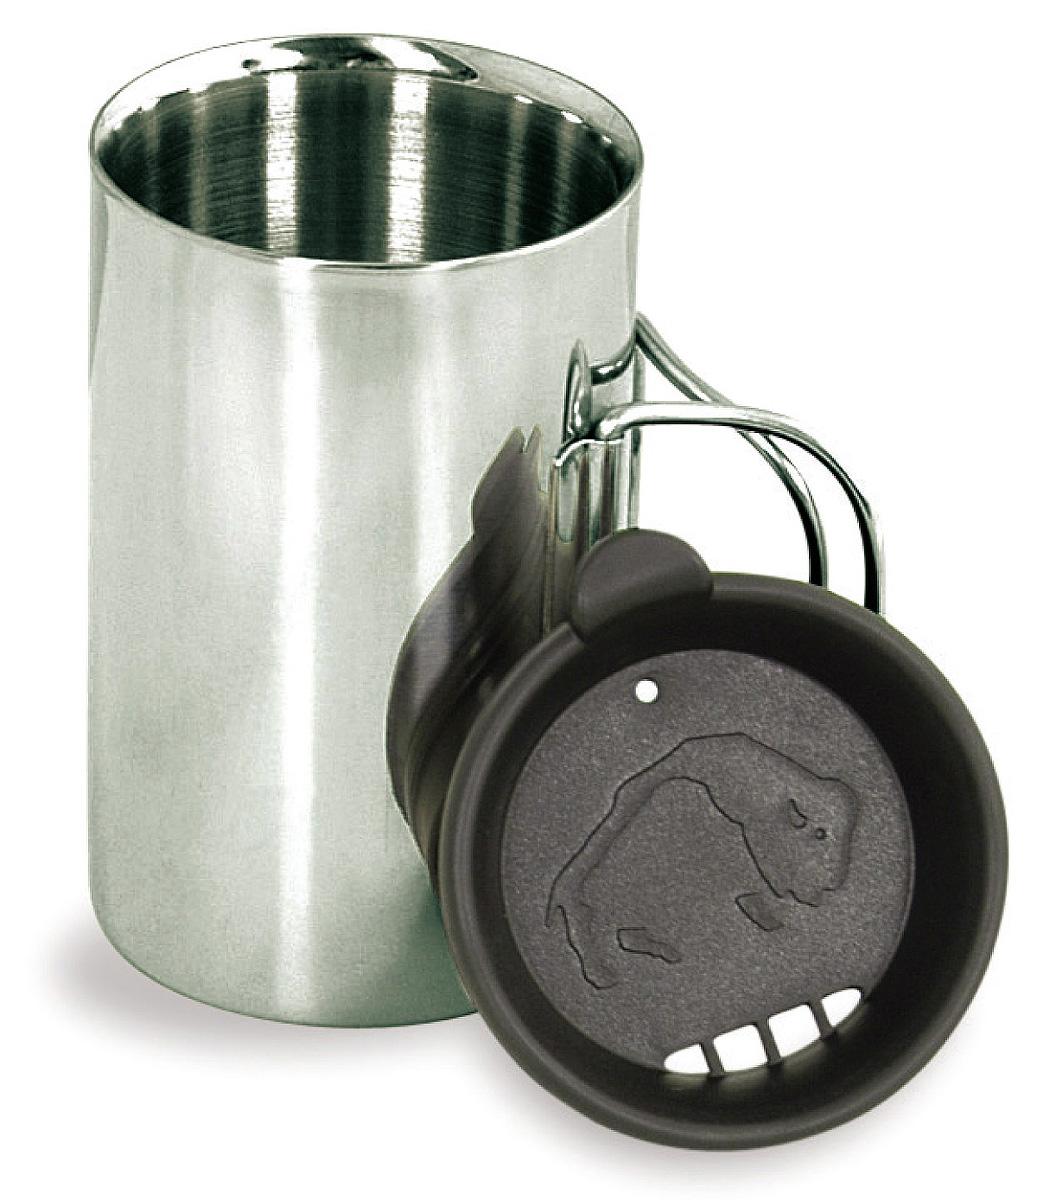 Термокружка с крышкой Tatonka Thermo, 0,35 л4081.000Термокружка Tatonka Thermo из нержавеющей стали со складными ручками и крышкой. Удобна в транспортировке. Кружка остается комфортной и прохладной снаружи, даже когда внутри кипяток. Крышка имеет специальные отверстия для питья. Это позволяет пить любимые напитки, не вынимая крышку, и напиток дольше не остывает. Внутри расположена мерная шкала. Высота кружки: 11,5 см. Диаметр кружки без учета ручки: 7,5 см.